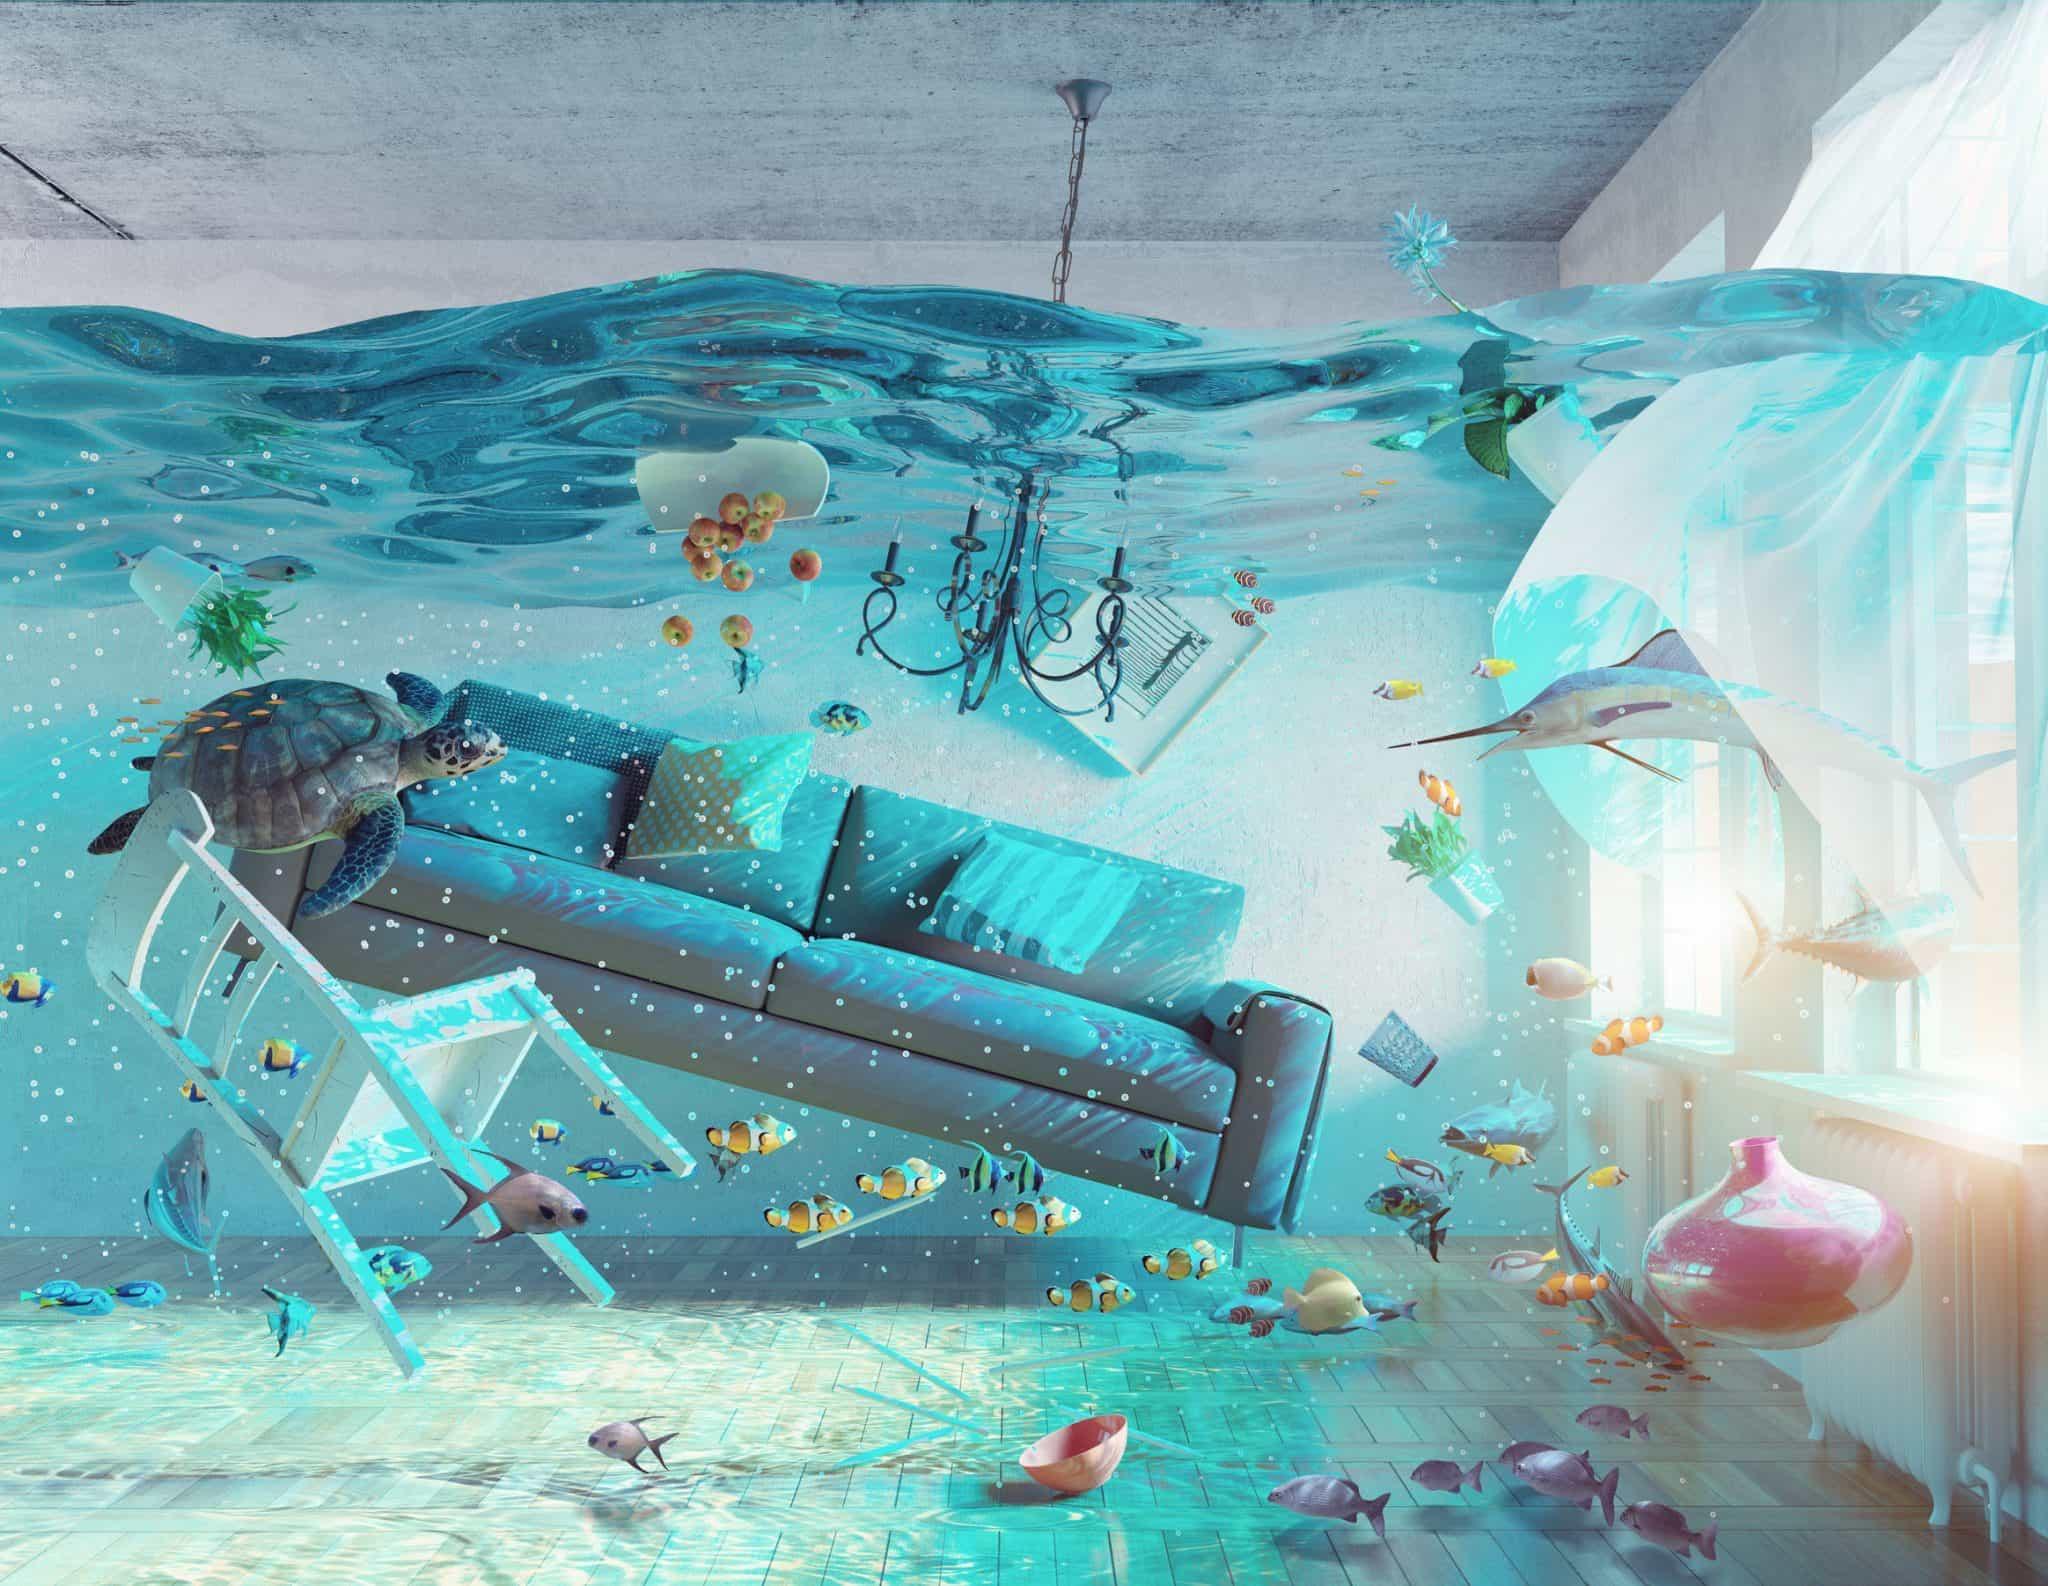 Сонник потоп в квартире чистая вода